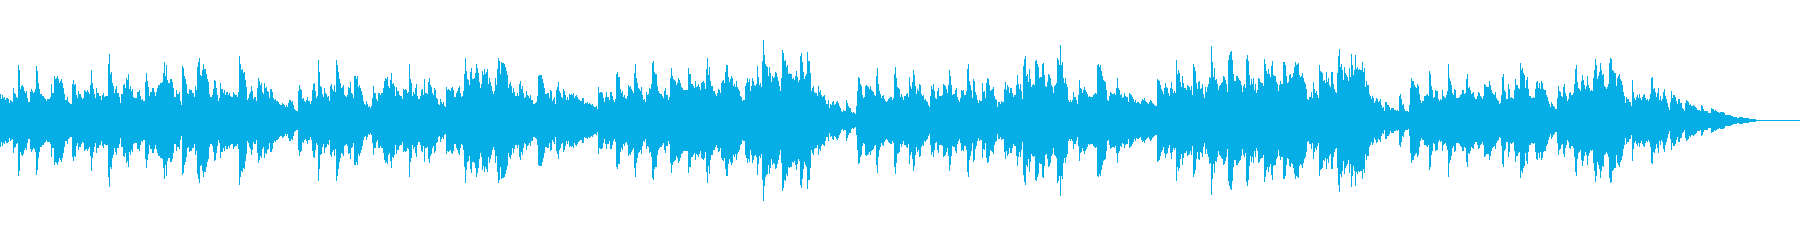 上品で清楚なシューマンのクラシックピアノの再生済みの波形